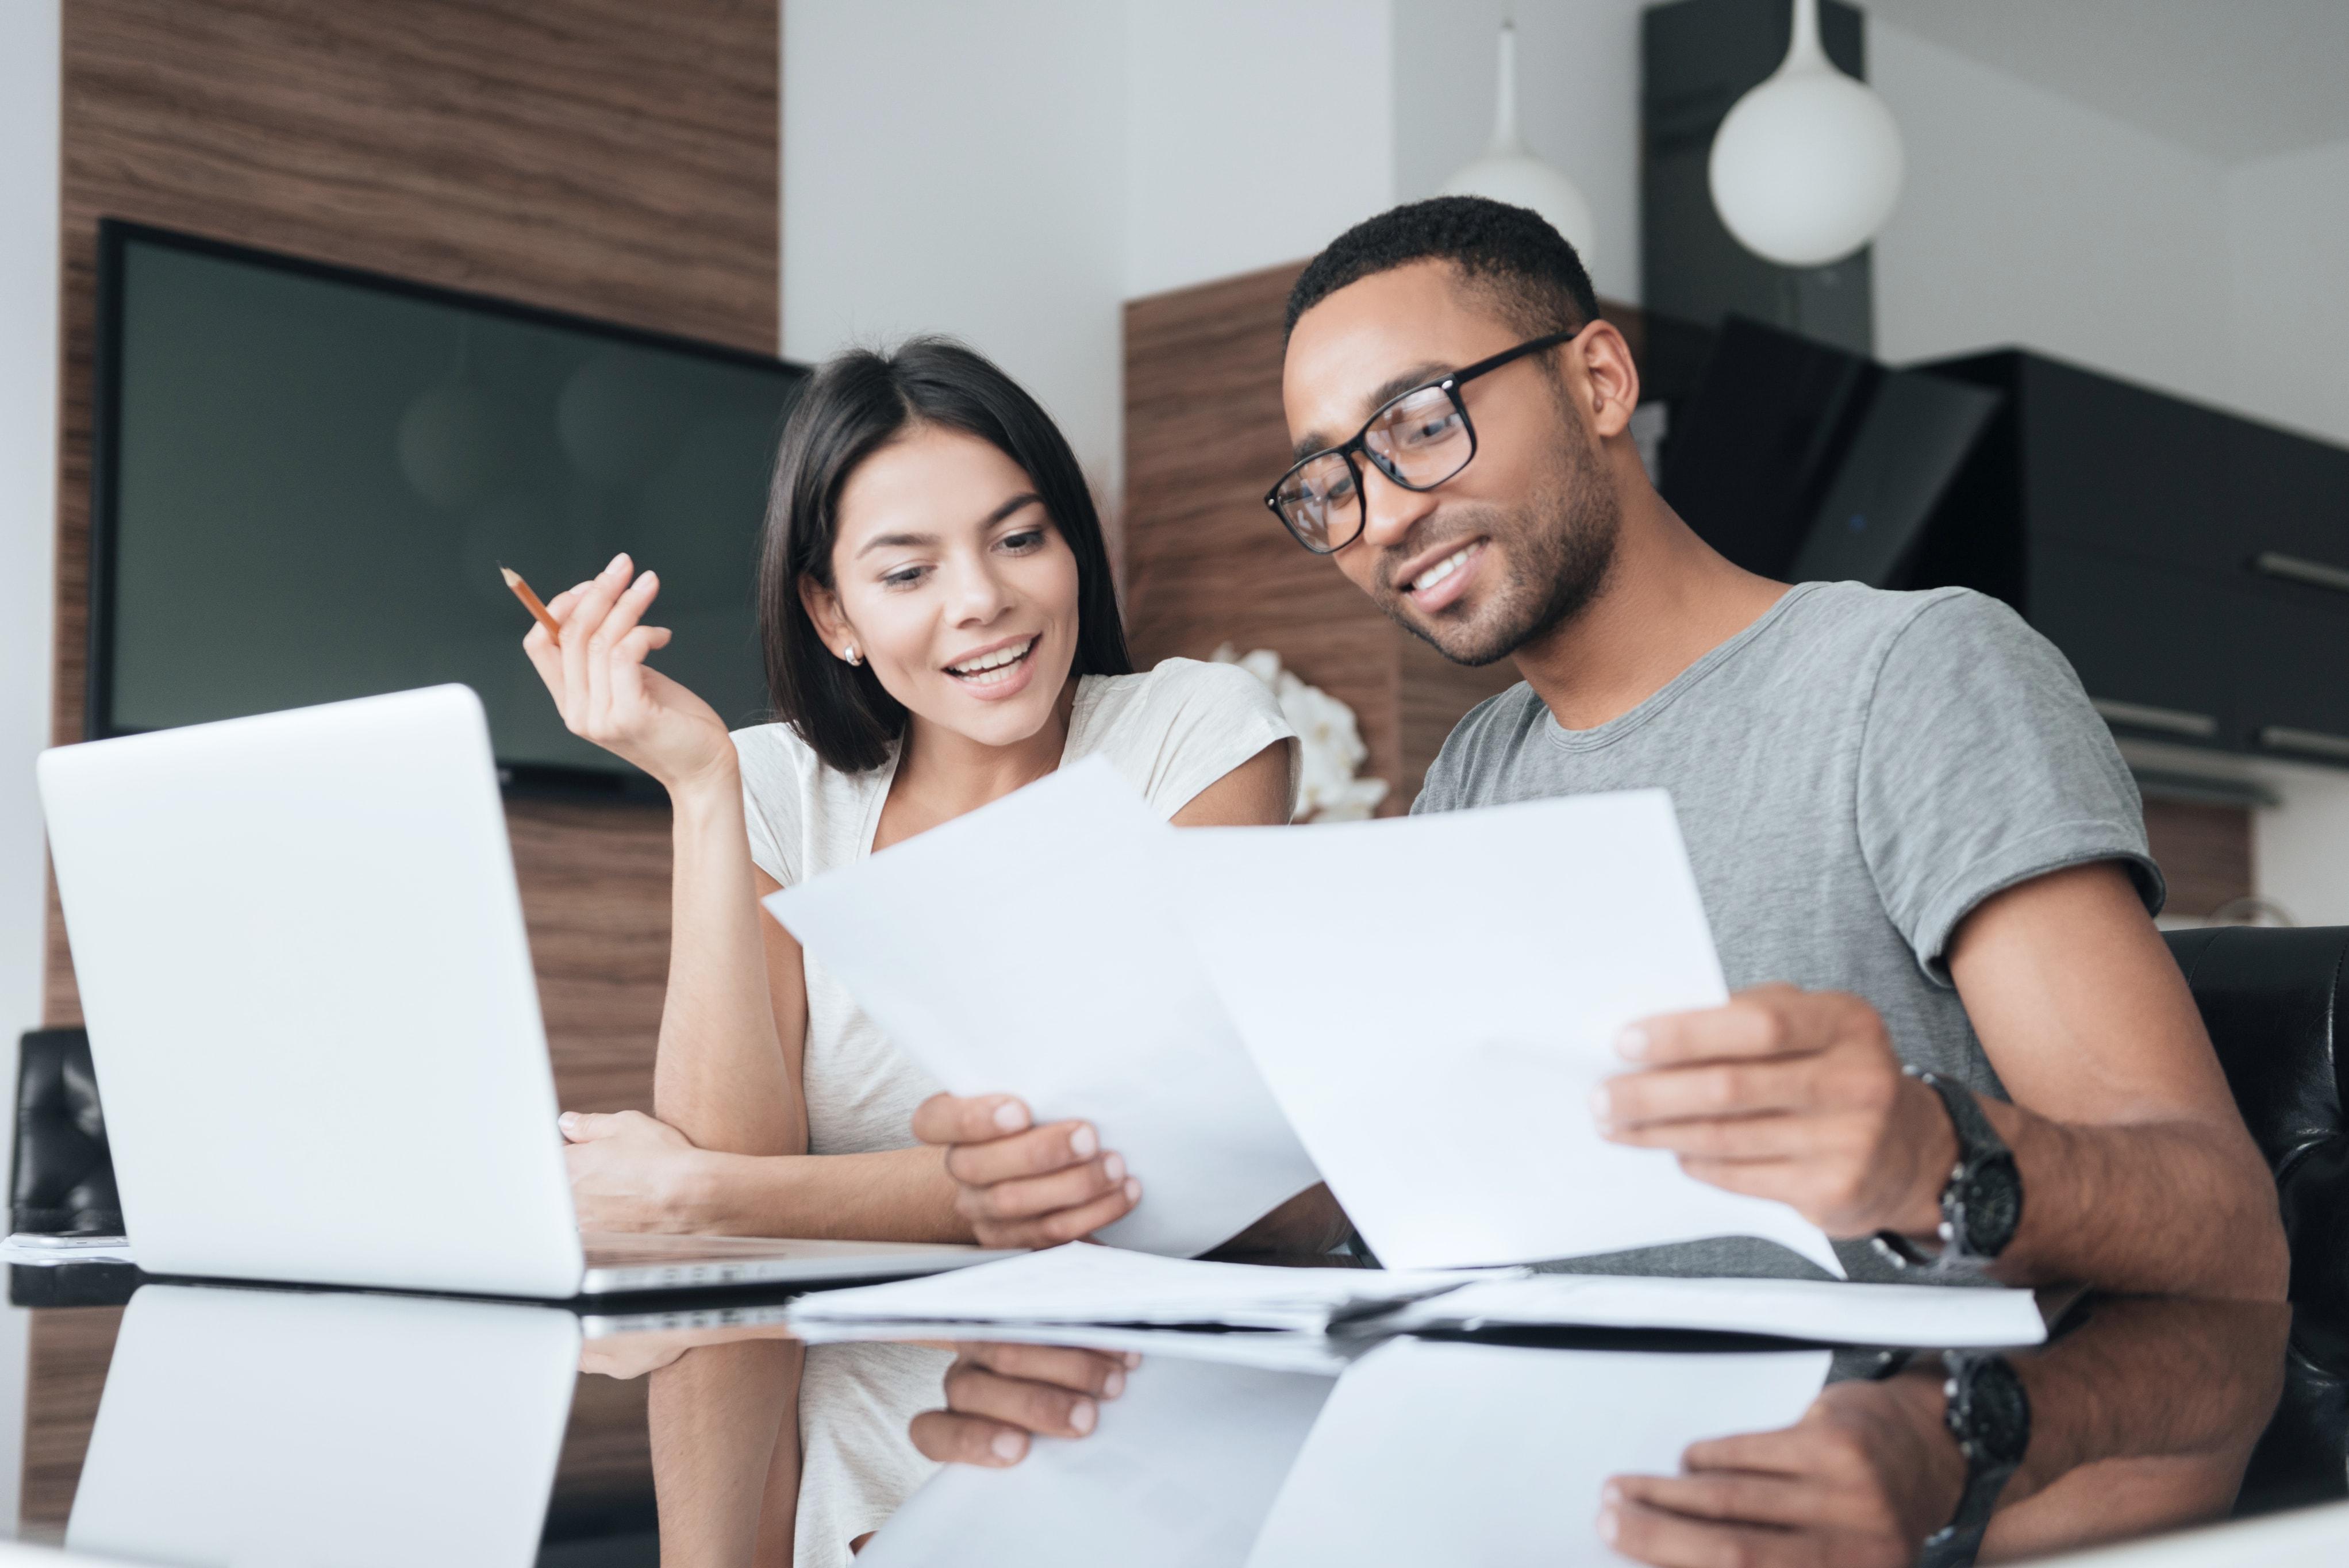 Rechtsformen Übersicht: Welche Rechtsform für mein Unternehmen?